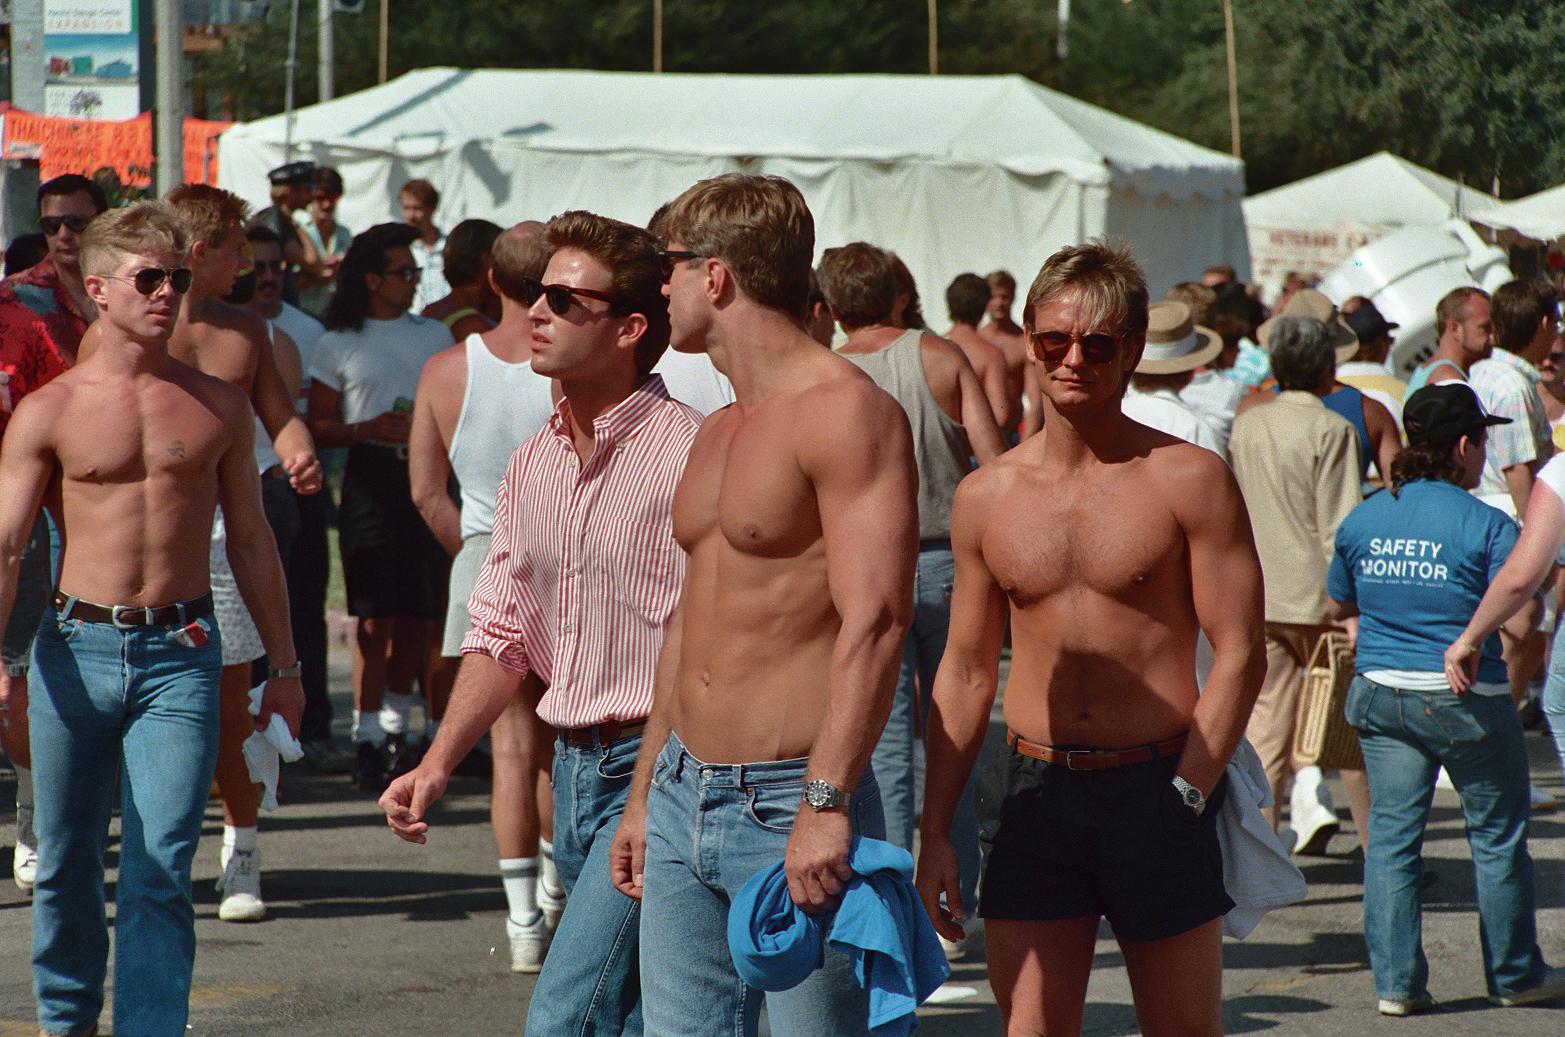 la-pride-1987-1995_22297429742_o